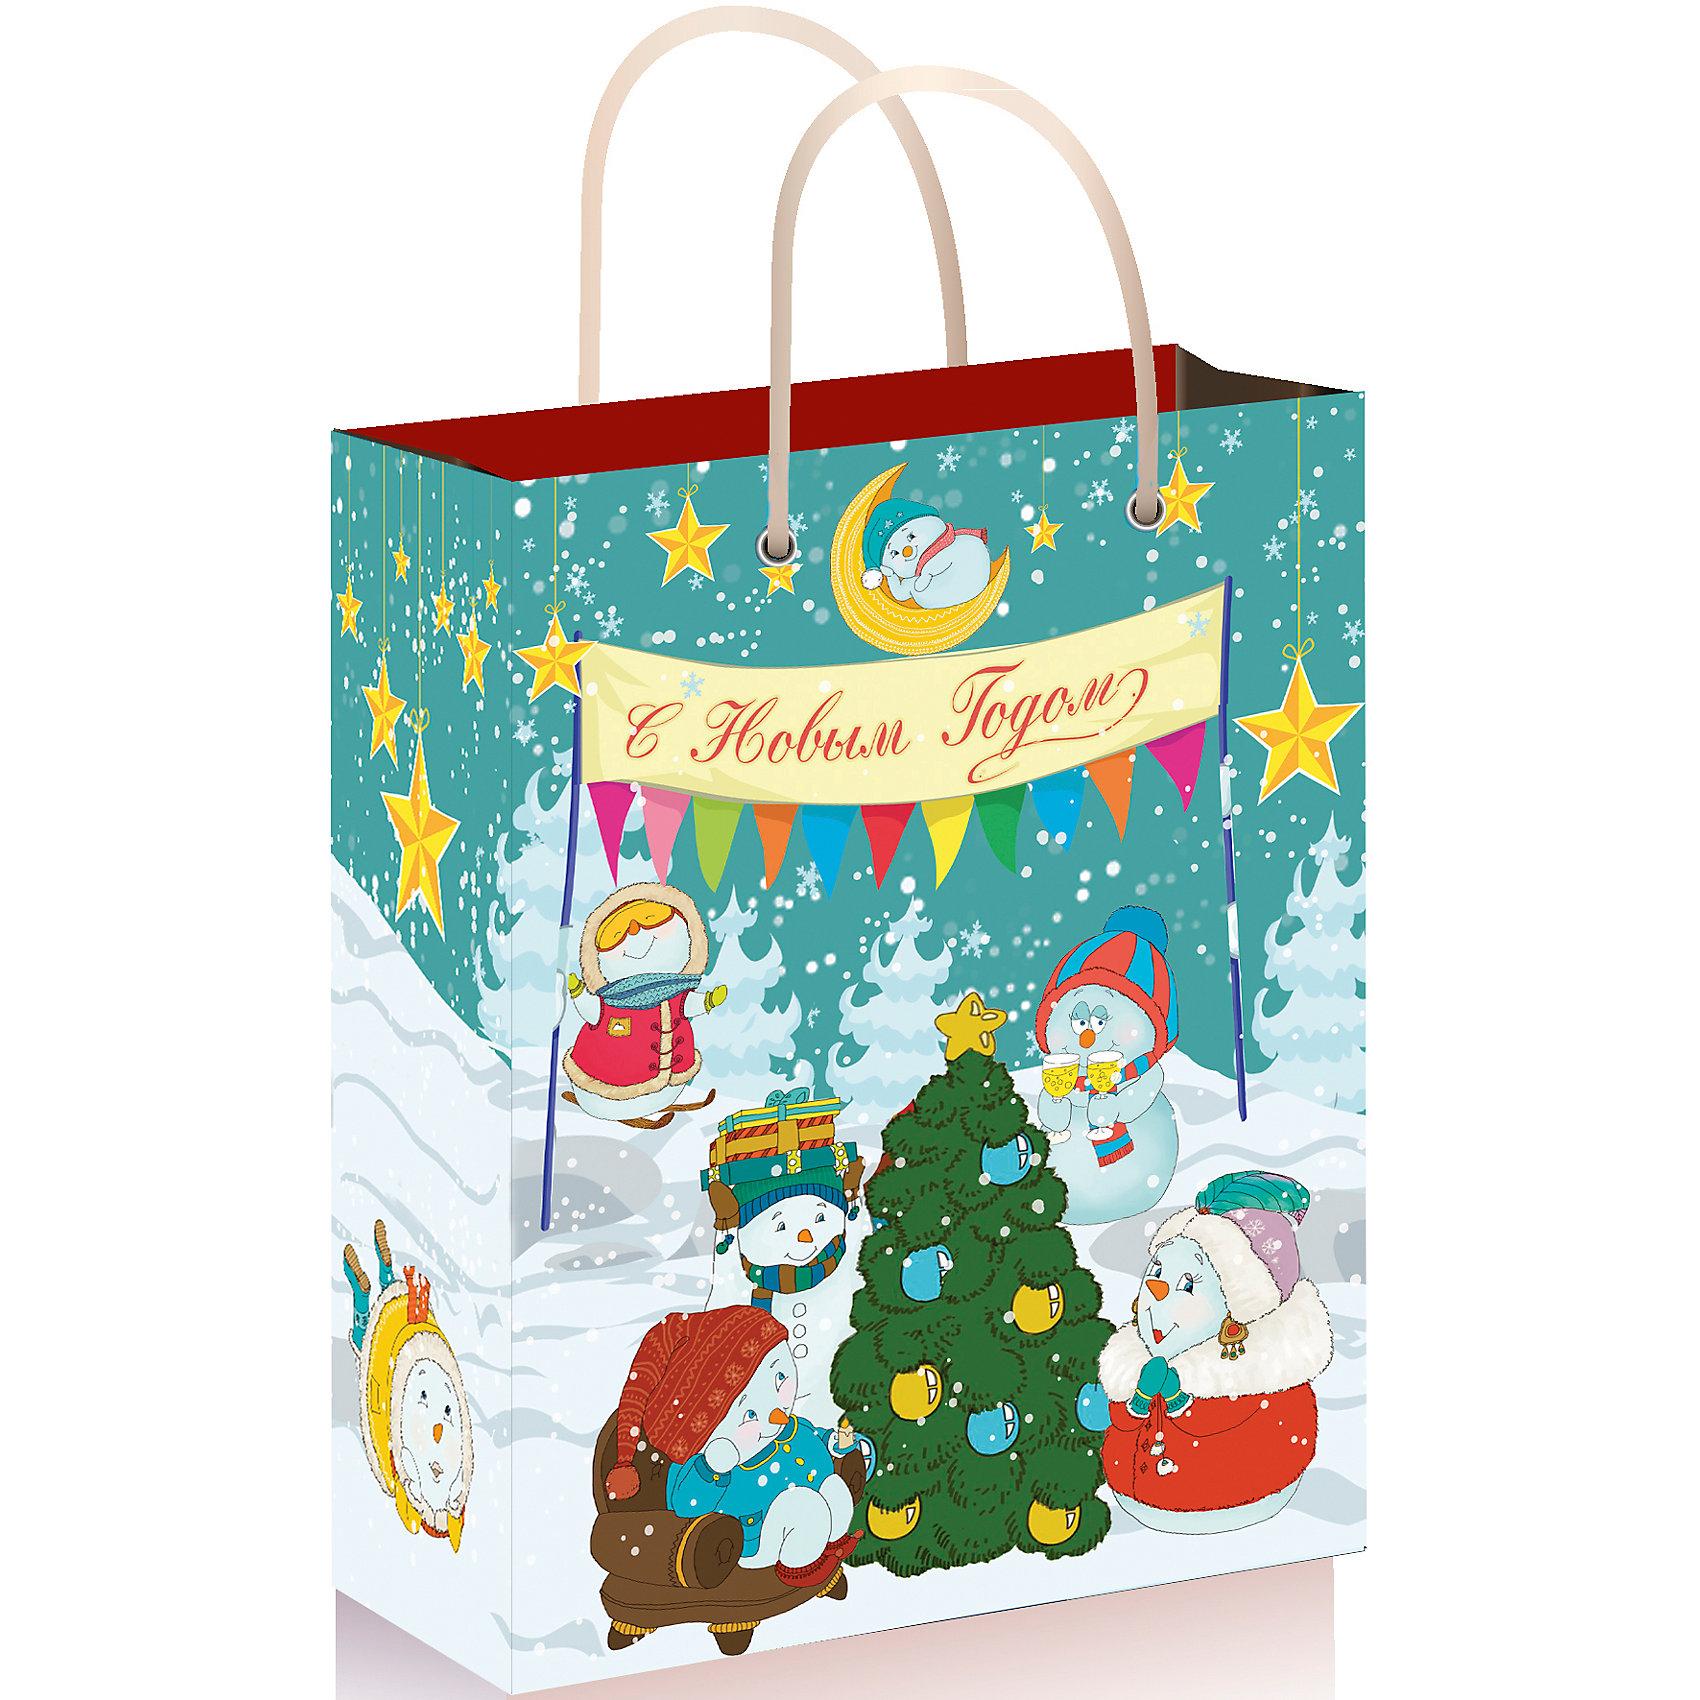 Подарочный пакет Снеговики с елочкой 26*32,4*12,7 смВсё для праздника<br>Предновогодние хлопоты многие любят даже больше самого праздника!  Праздничное настроение создает украшенный дом, наряженная ёлка, запах мандаринов, предновогодняя суета и, конечно же, подарки! Чтобы сделать момент вручения приятнее, нужен красивый подарочный пакет.<br>Этот пакет украшен симпатичным универсальным рисунком, поэтому в него можно упаковать подарок и родственнику, и коллеге. Он сделан из безопасного для детей, прочного, но легкого, материала. Создайте с ним праздничное настроение себе и близким!<br><br>Дополнительная информация:<br><br>плотность: 140 г/м2;<br>размер: 26 х 32 х 13 см;<br>с ламинацией;<br>украшен рисунком.<br><br>Подарочный пакет Снеговики с елочкой 26*32,4*12,7 см можно купить в нашем магазине.<br><br>Ширина мм: 260<br>Глубина мм: 324<br>Высота мм: 120<br>Вес г: 74<br>Возраст от месяцев: 36<br>Возраст до месяцев: 2147483647<br>Пол: Унисекс<br>Возраст: Детский<br>SKU: 4981396